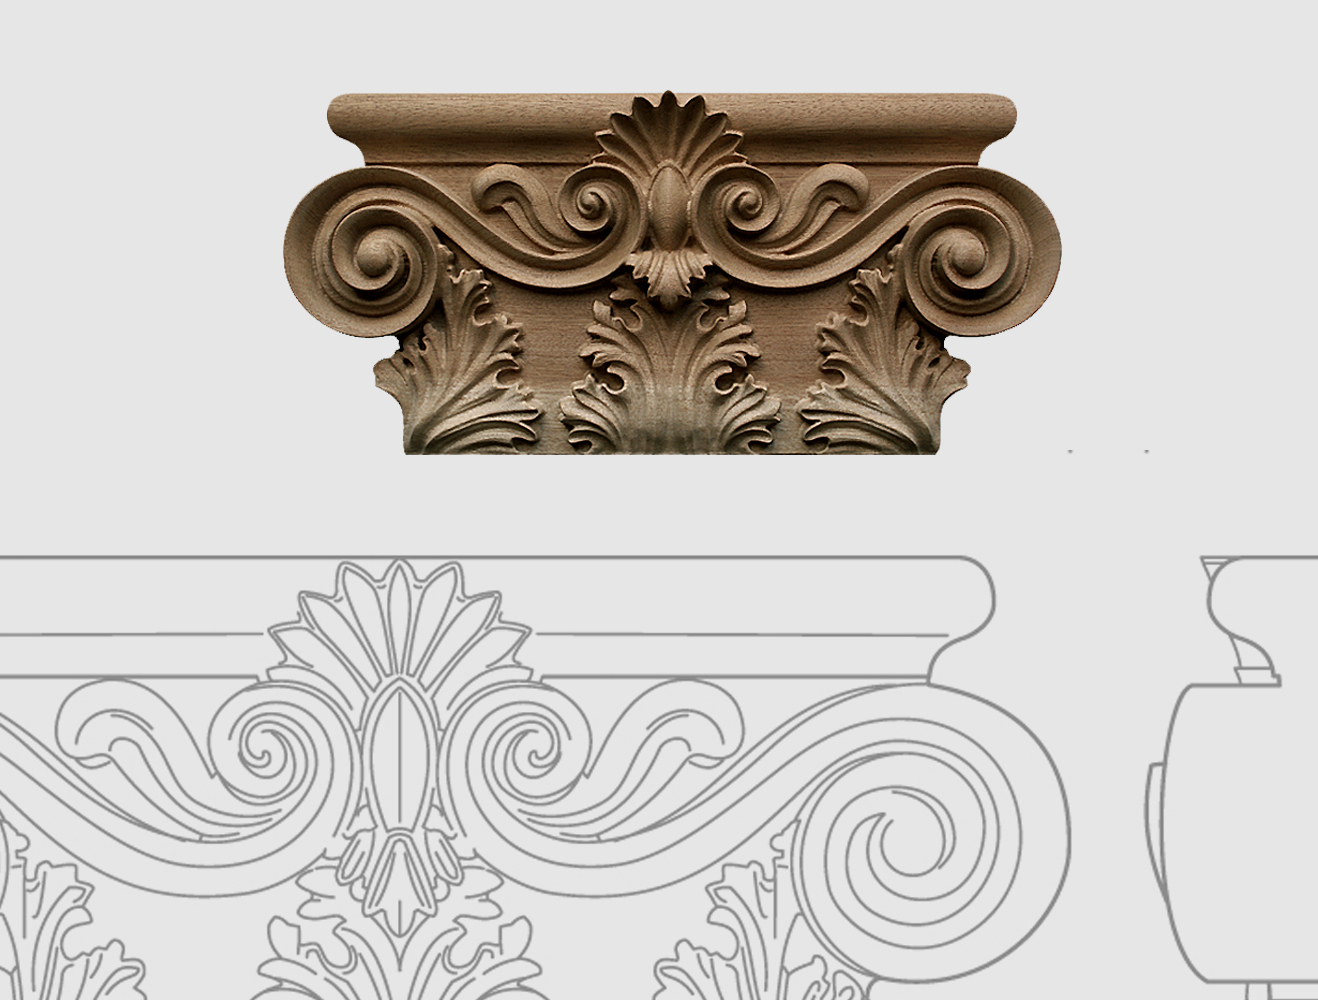 Kapitelle für Holzsäulen und kannelierte Pilaster - Ornamentschnitzer